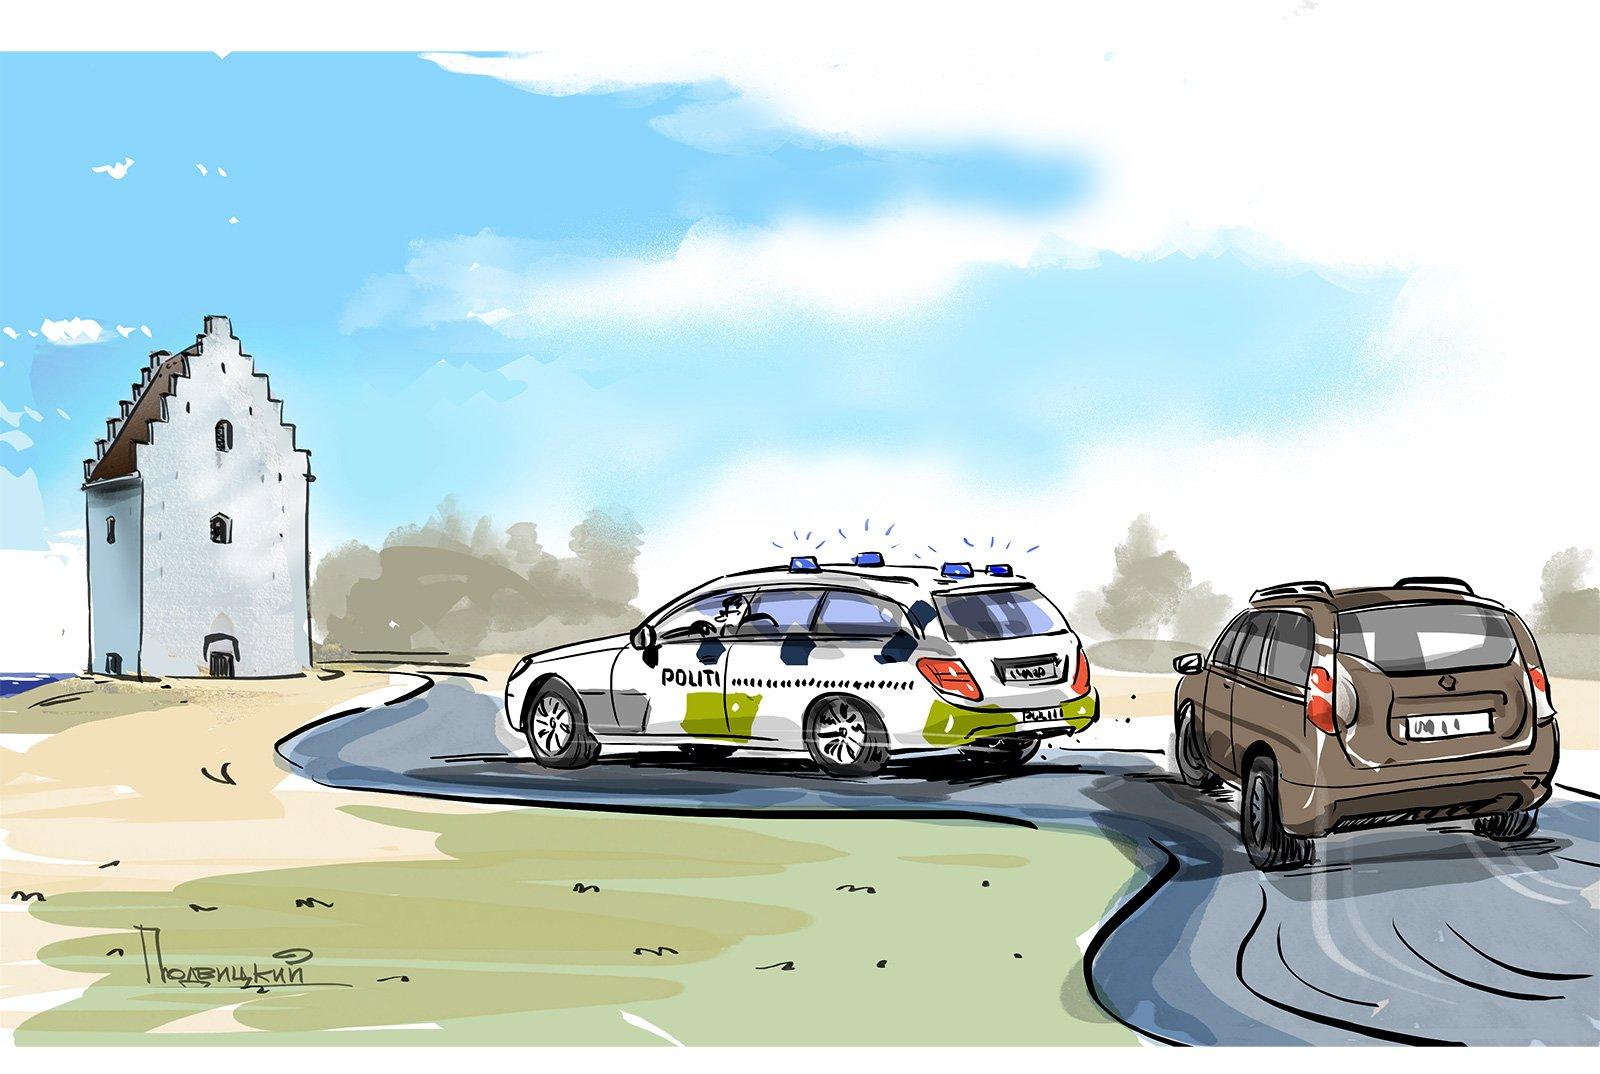 Такая разная полиция: у них и у нас